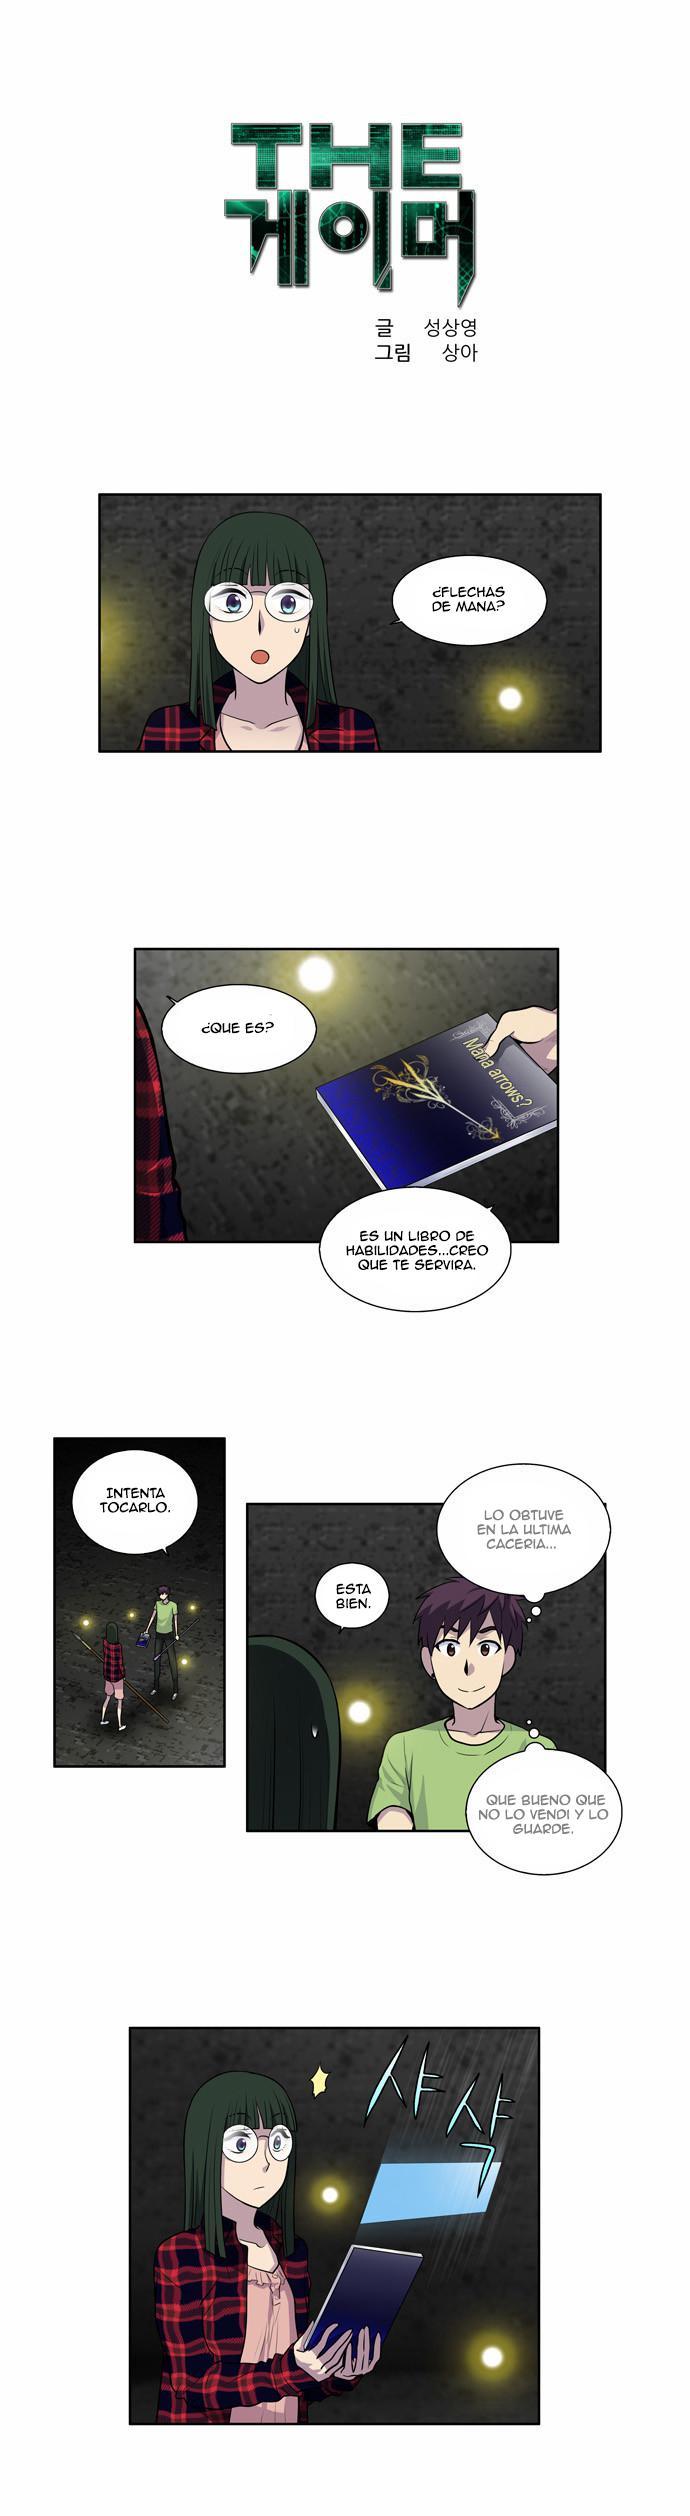 https://c5.ninemanga.com/es_manga/61/1725/423523/9ca8737b742f20b6b703e1468de5ba7e.jpg Page 3